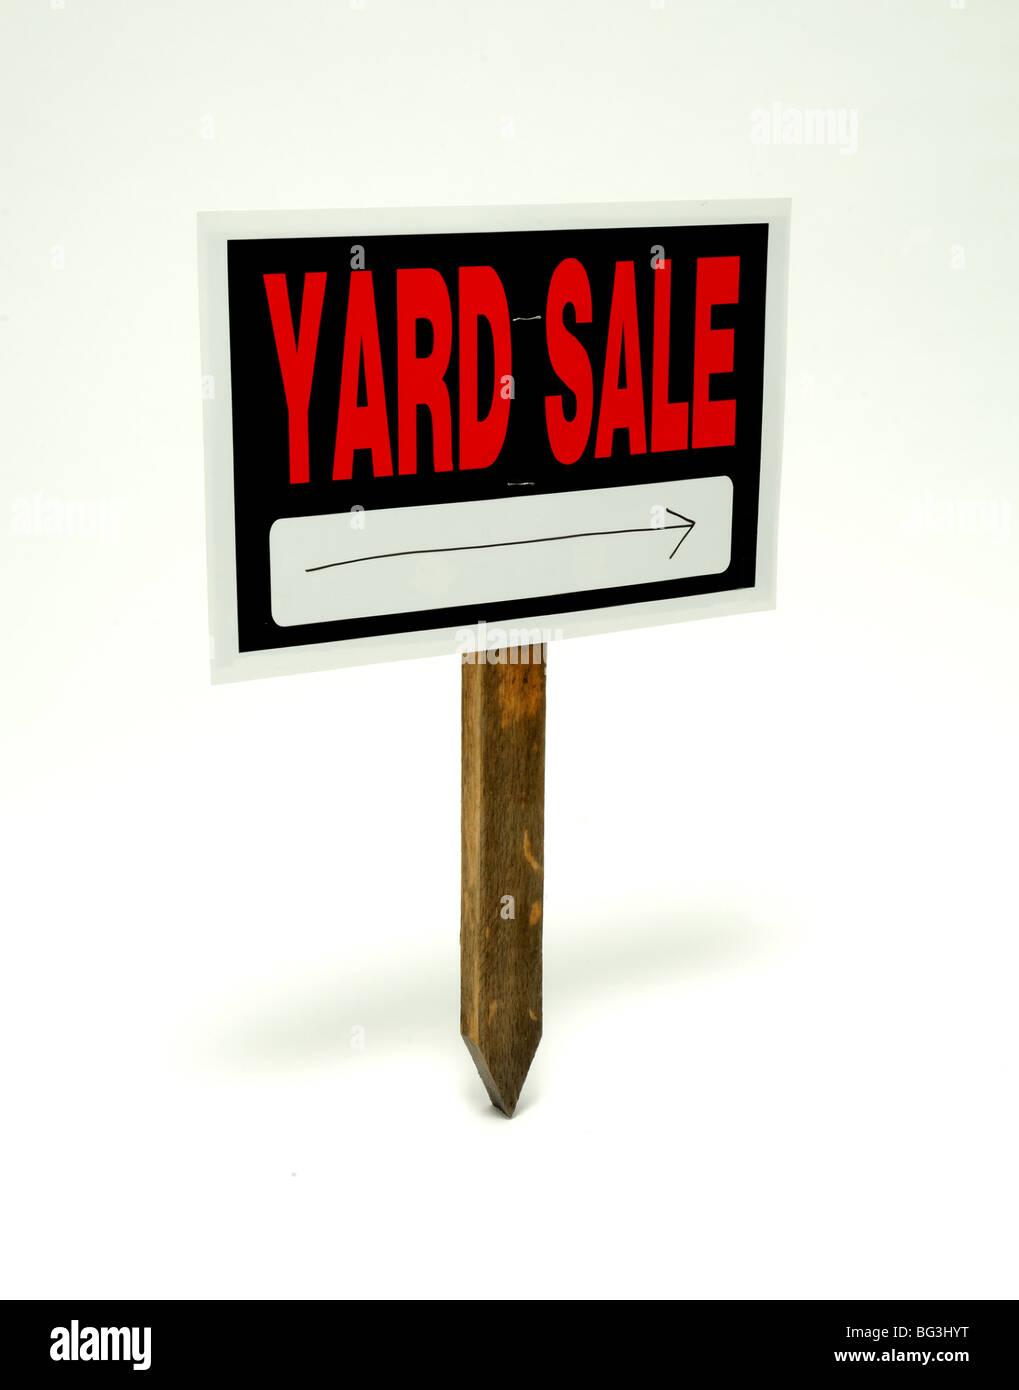 Yard Sale Schild mit einem Pfeil auf einem hölzernen Pfosten Stockbild